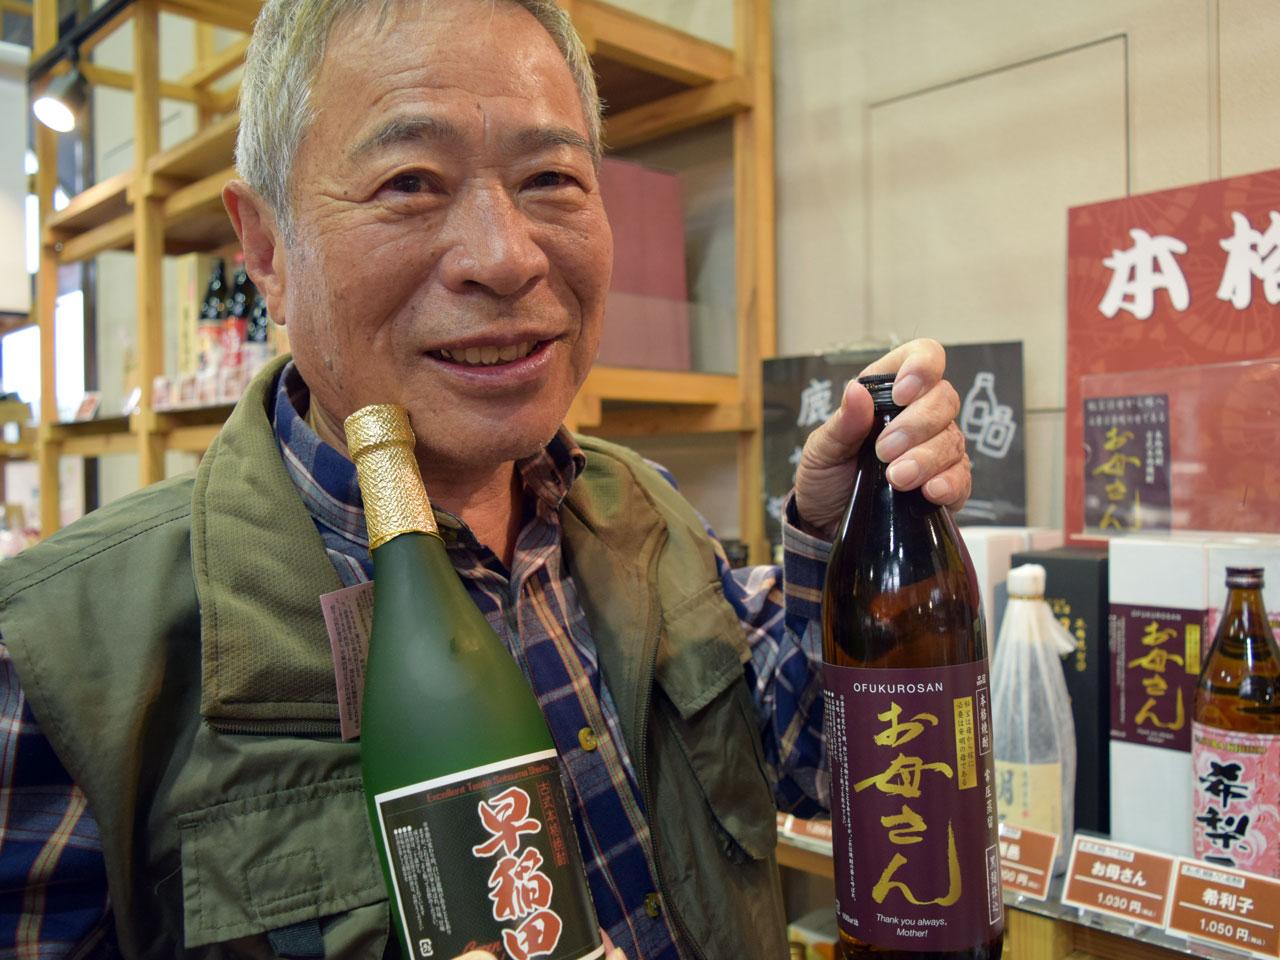 【出品者さんピックアップ】「早稲田に鹿実。実は母校ではないんです。」 かごしま味の上柿勉さん。